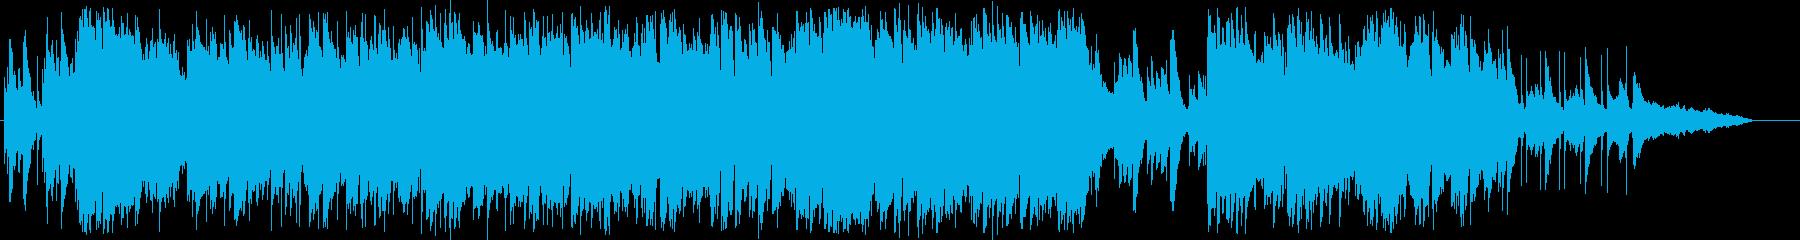 アップテンポ キラキラ系ジブリ風 ピアノの再生済みの波形